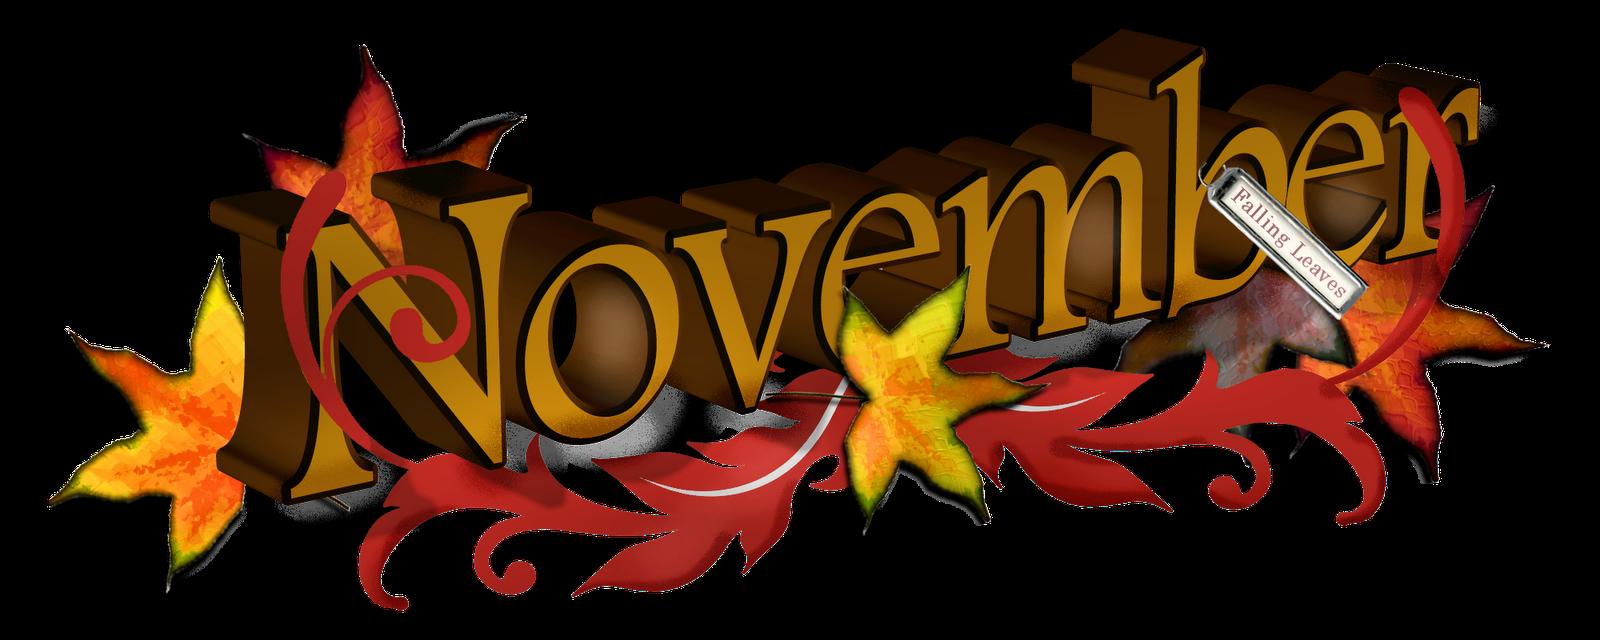 November flower clipart jpg black and white stock Clip art for november - ClipartFest jpg black and white stock